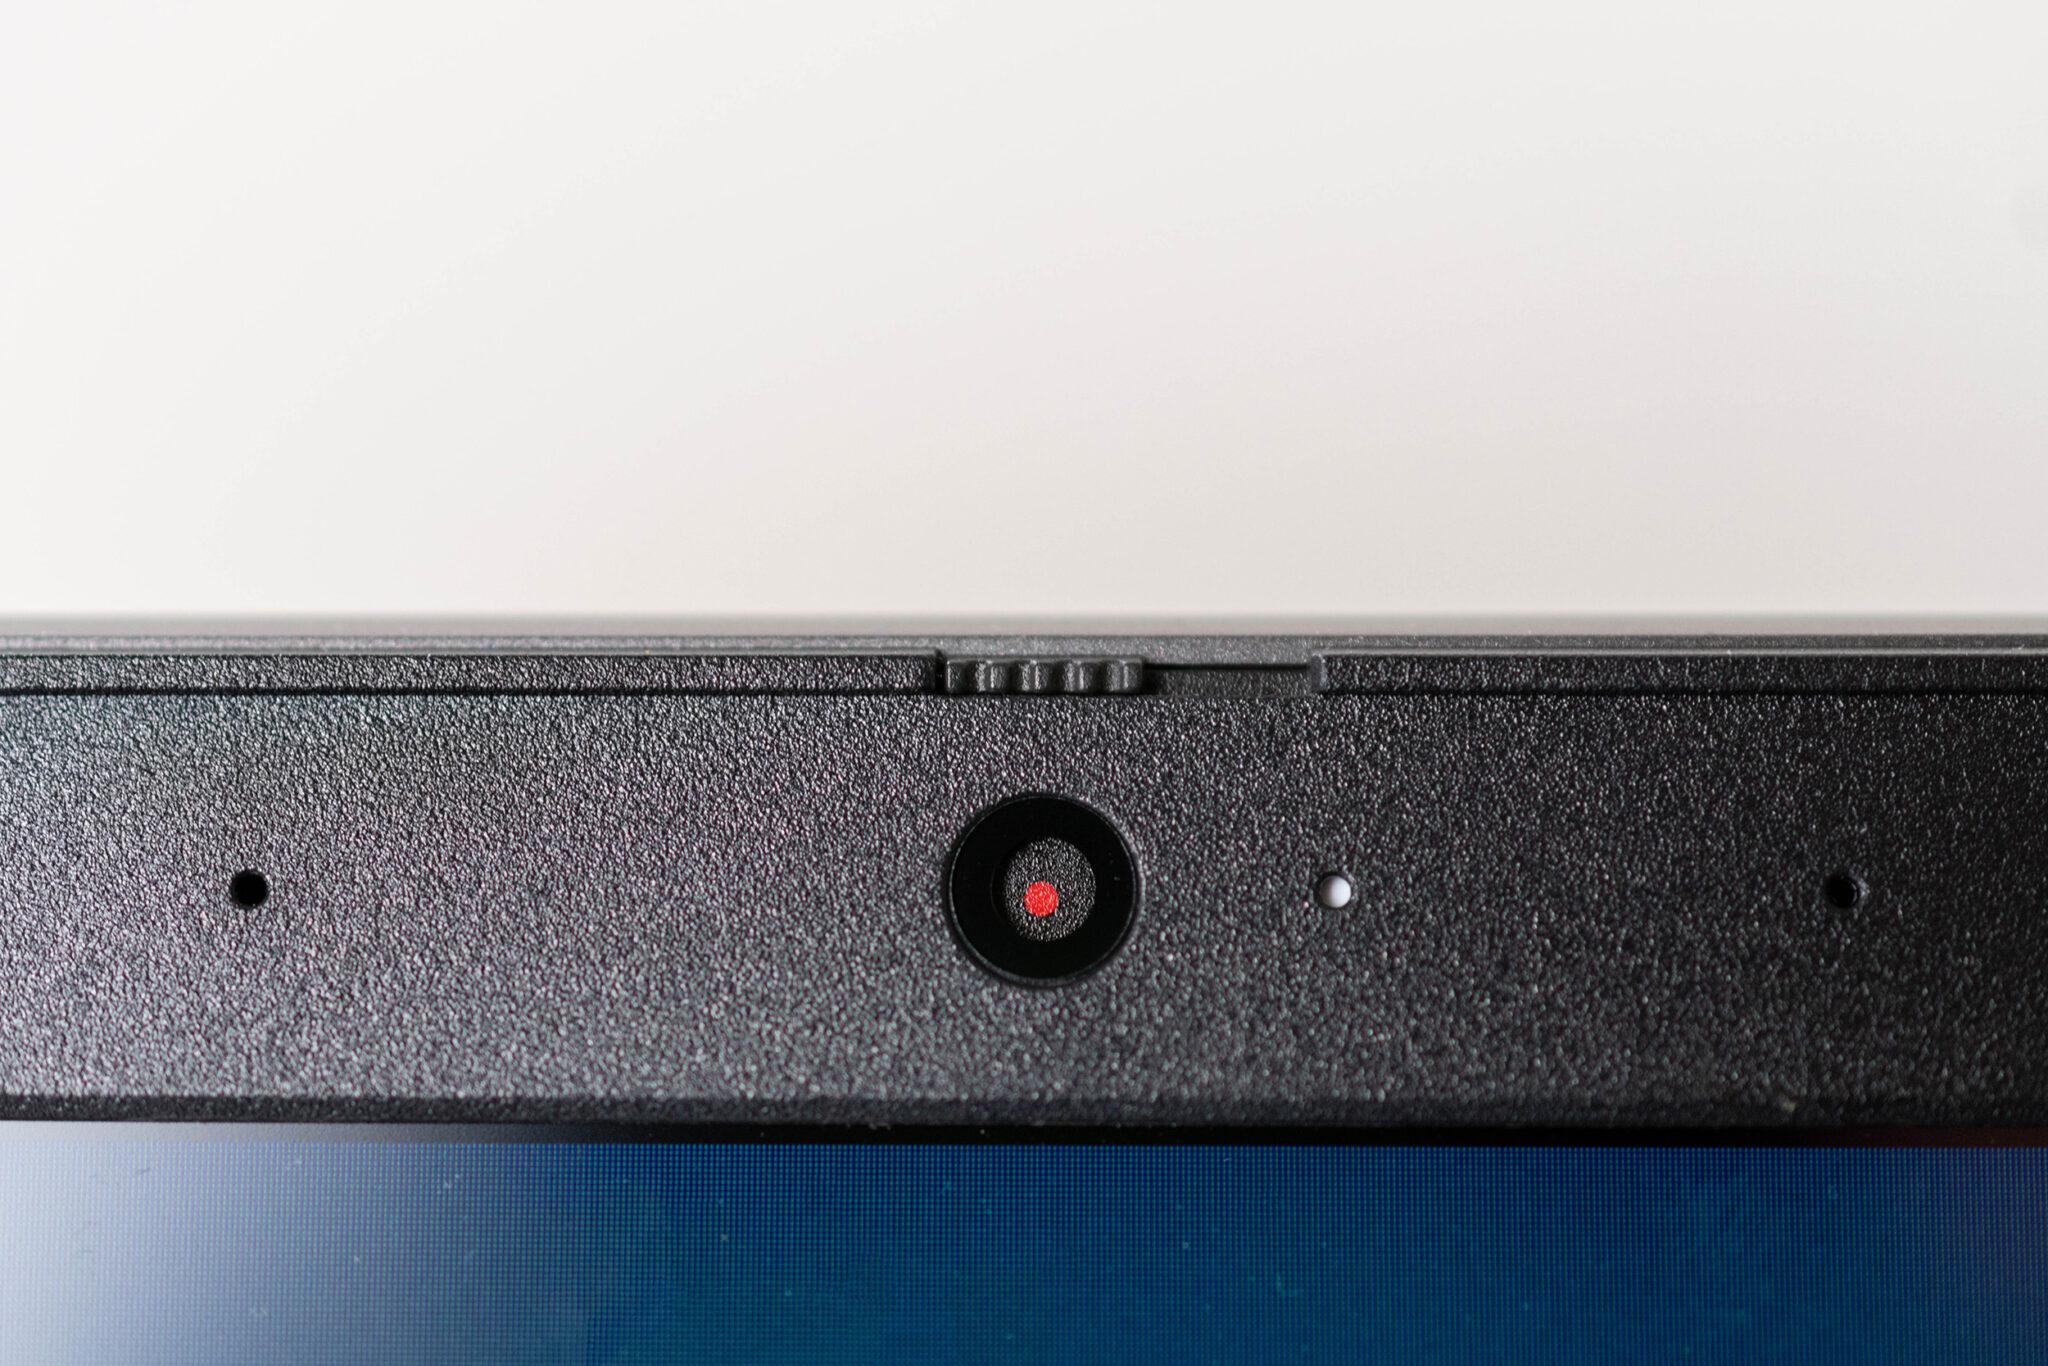 Die Webcam des Lenovo V17 lässt sich mit einem Schiebregler verdecken